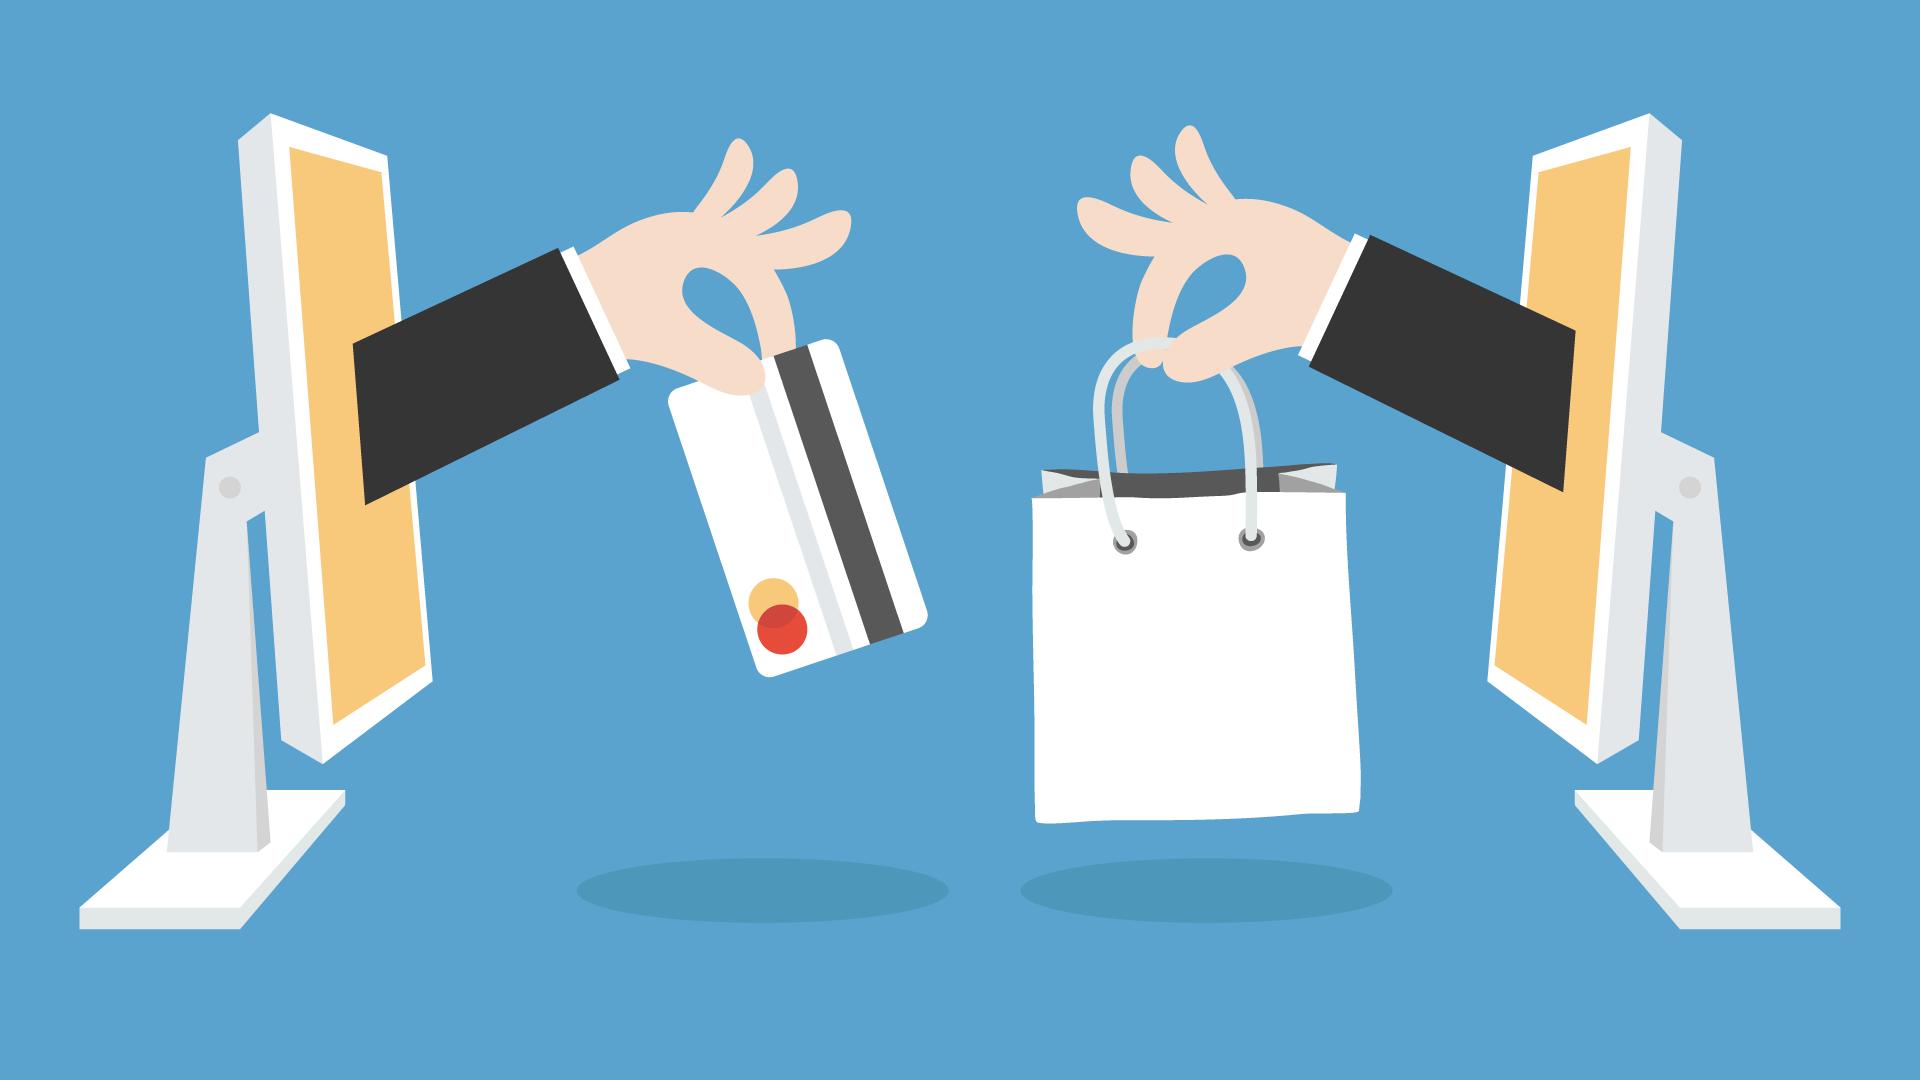 10 مرحله یک خرید امن اینترنتی